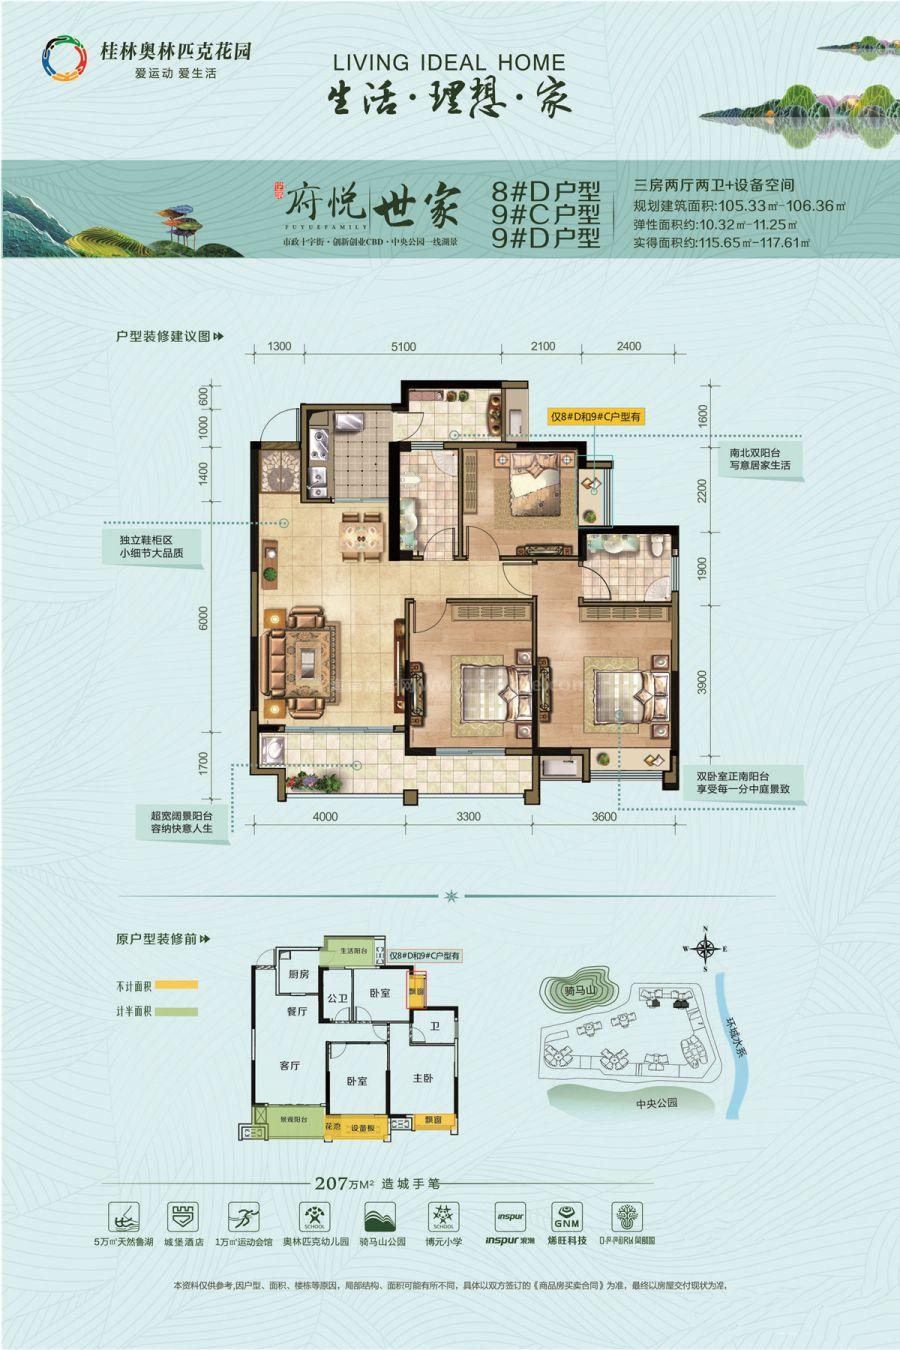 府悦世家8#D、9#C、9#D户型 3室2厅2卫 建面106.36㎡